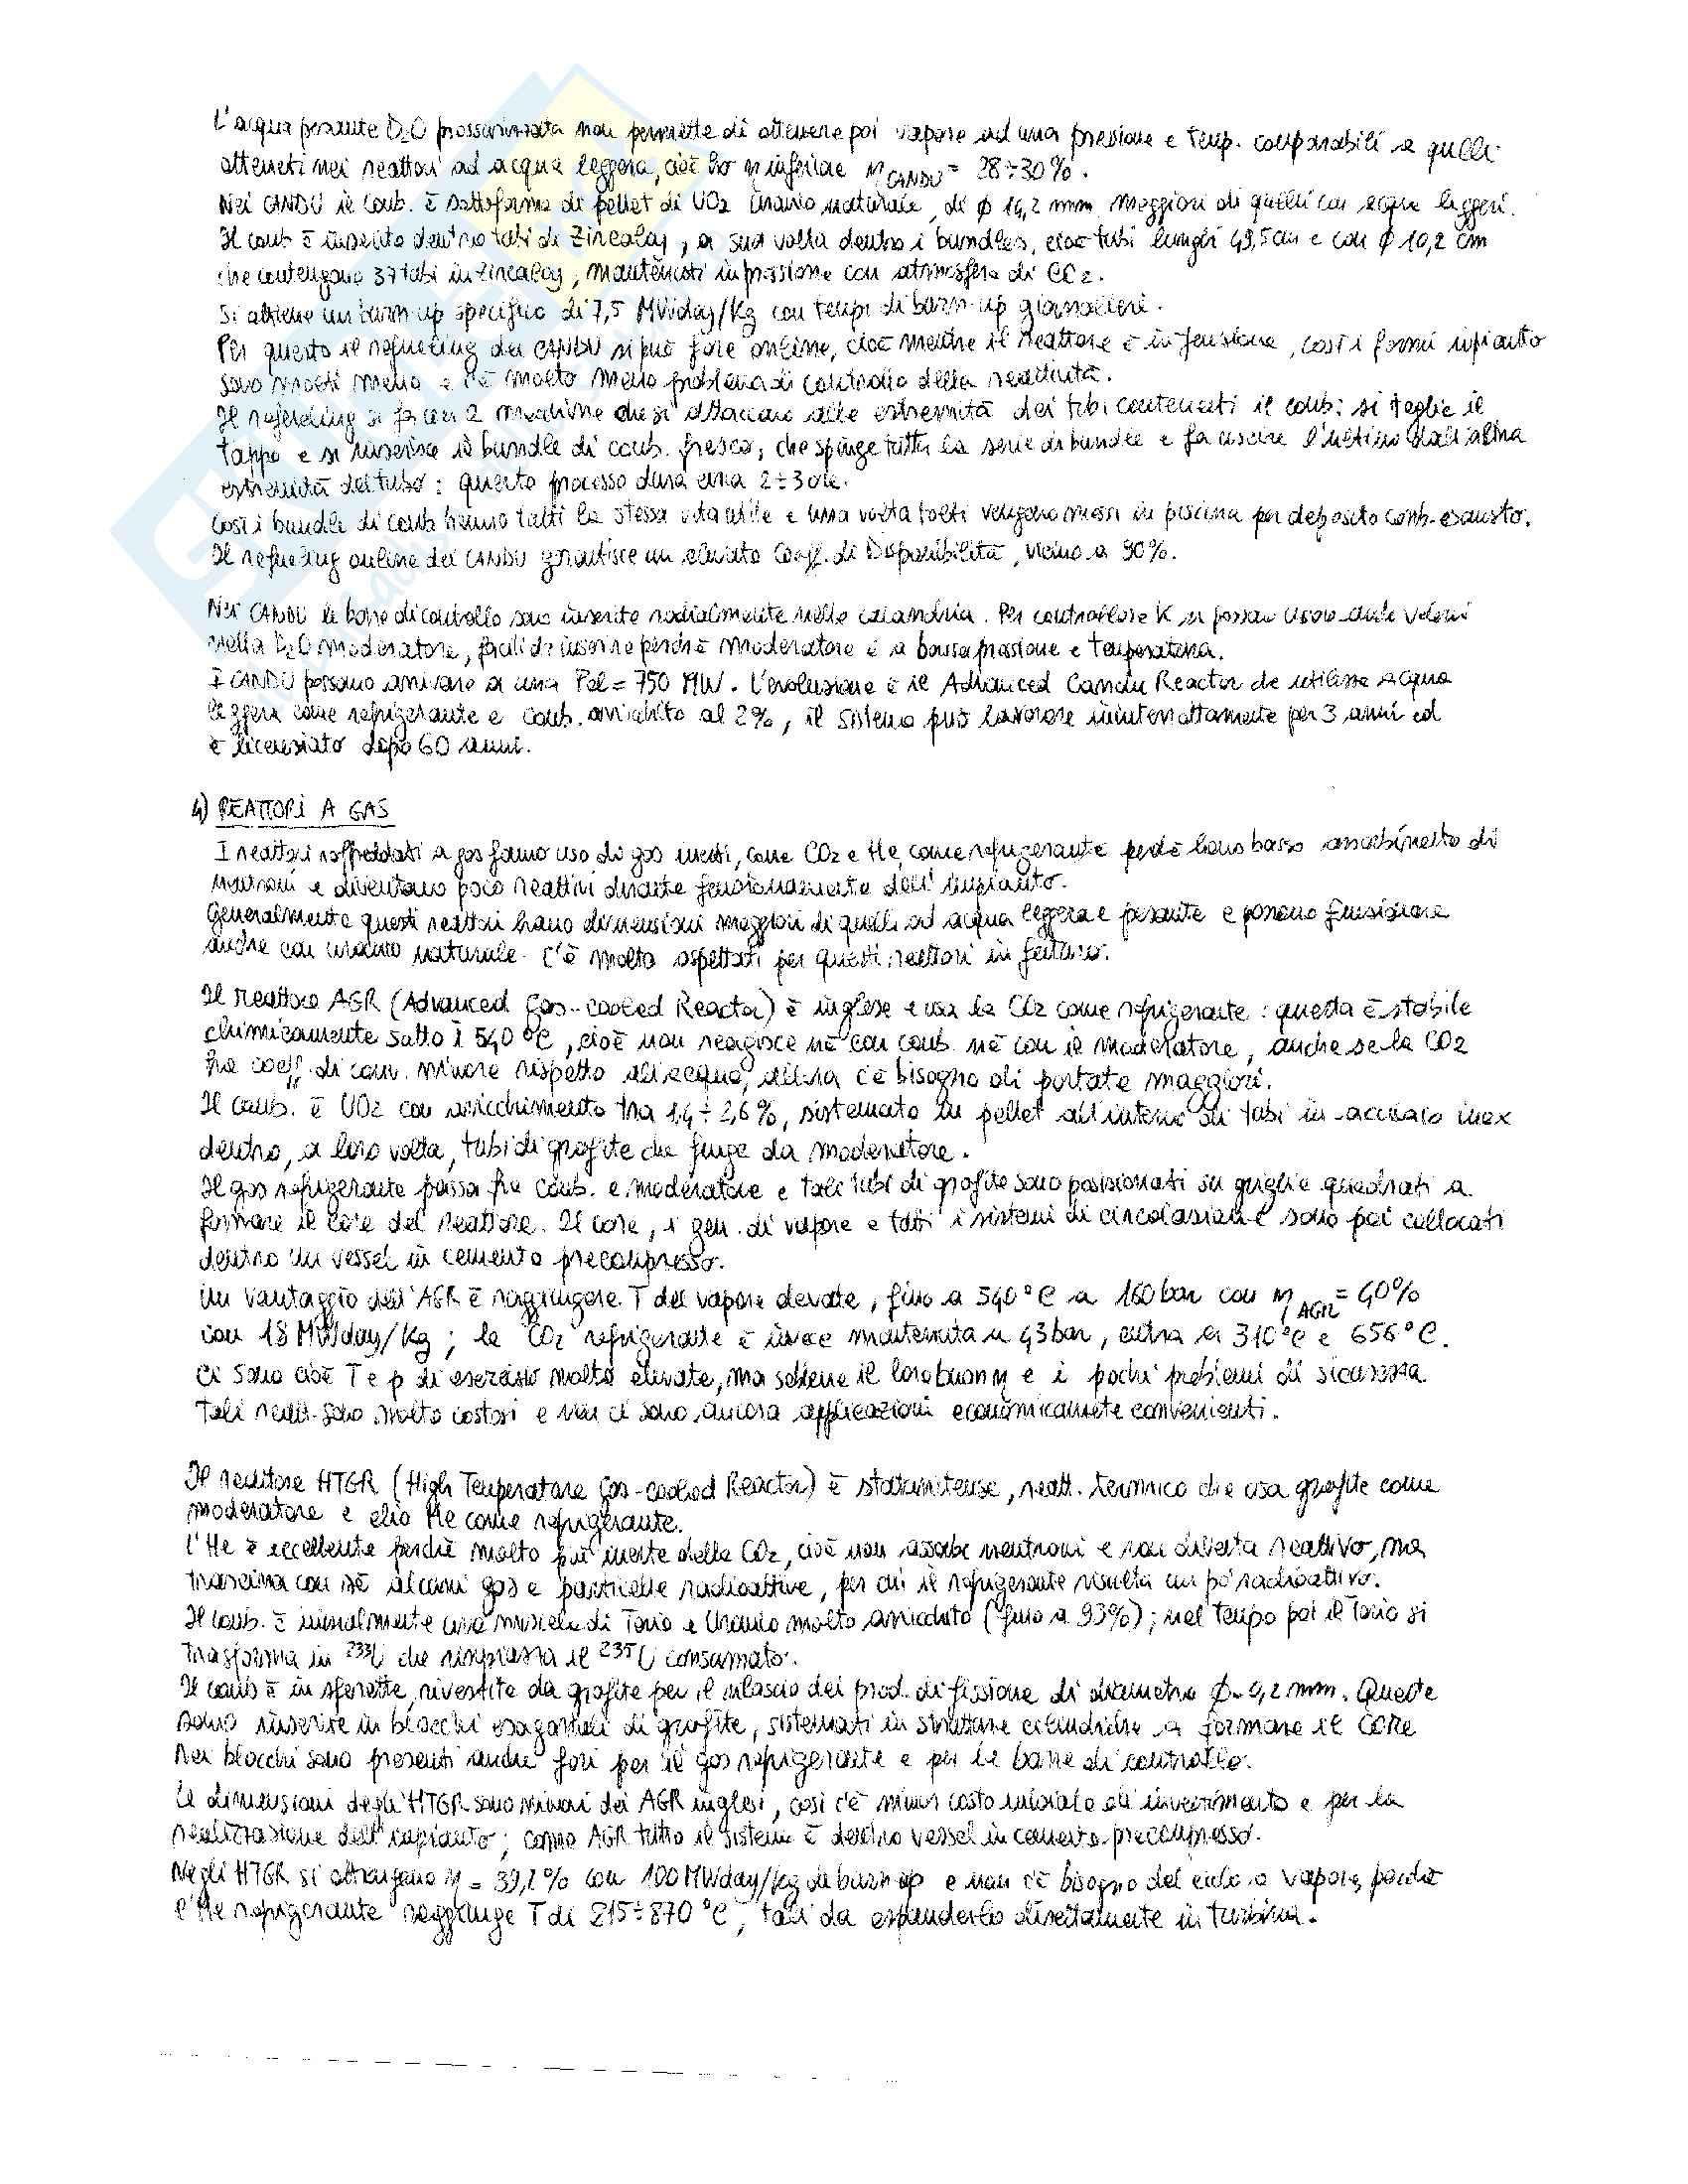 Riassunto esame Impianti non Convenzionali per la Produzione di Energia, prof. Vestrucci, libri consigliati M. Cumo, Impianti Nucleari, UTET, 1976 M. M. El-Wakil, Nuclear Power Engineering, McGraw-Hill, 1962 C. Lombardi, Impianti nucleari, CLUP, 2003 Pag. 11